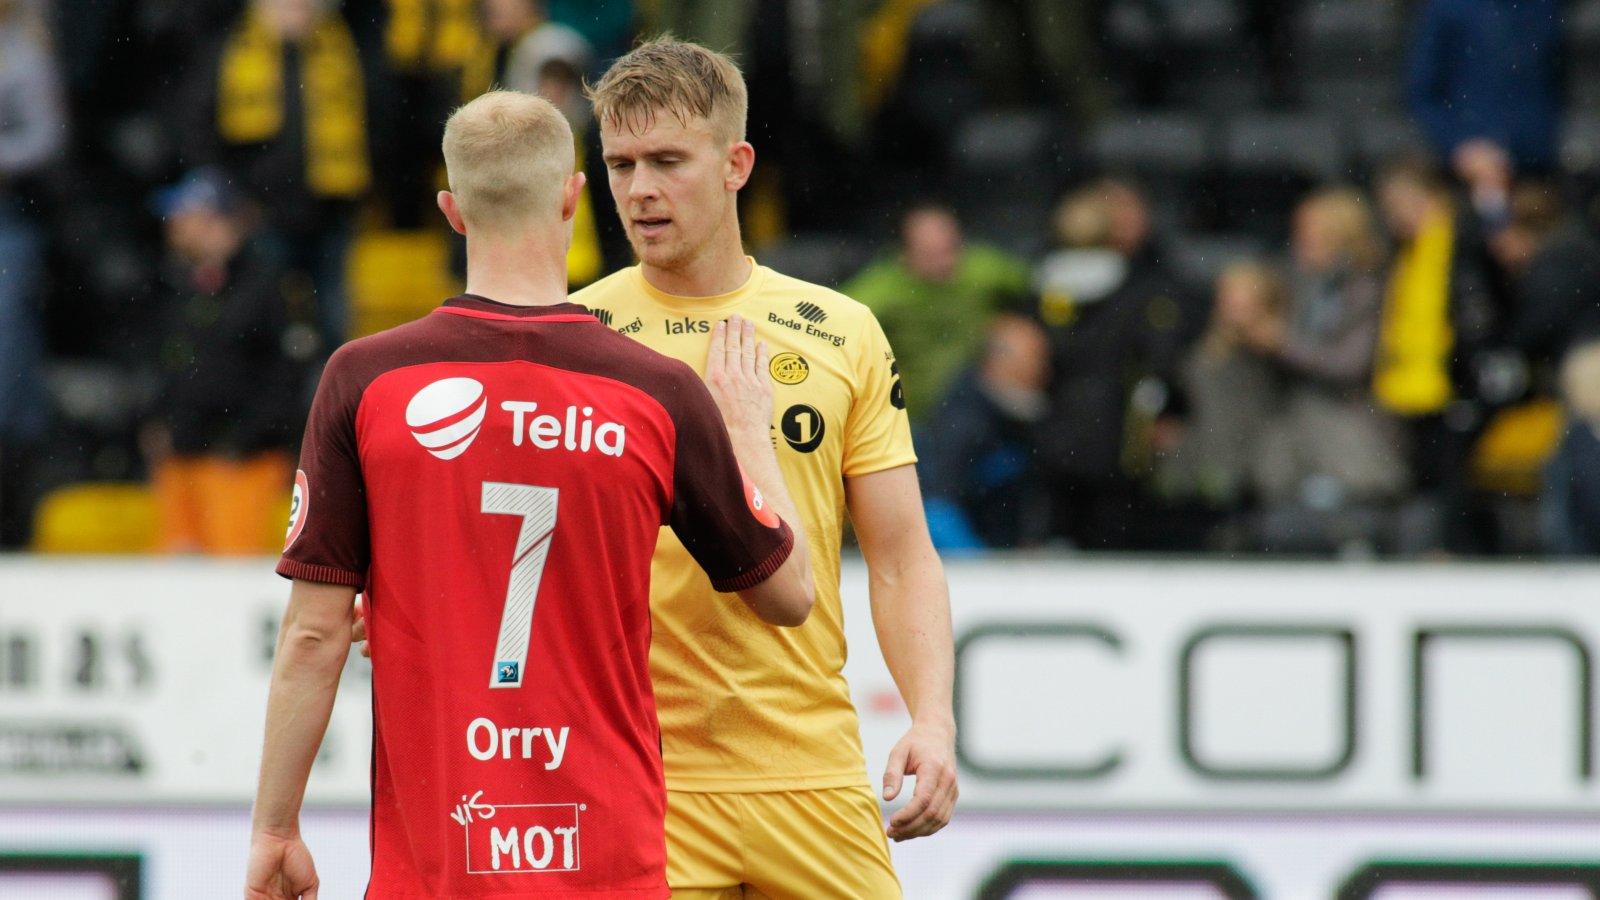 Kristian Fardal Opseth etter Bodø/Glimt og Brann på Aspmyra stadion.